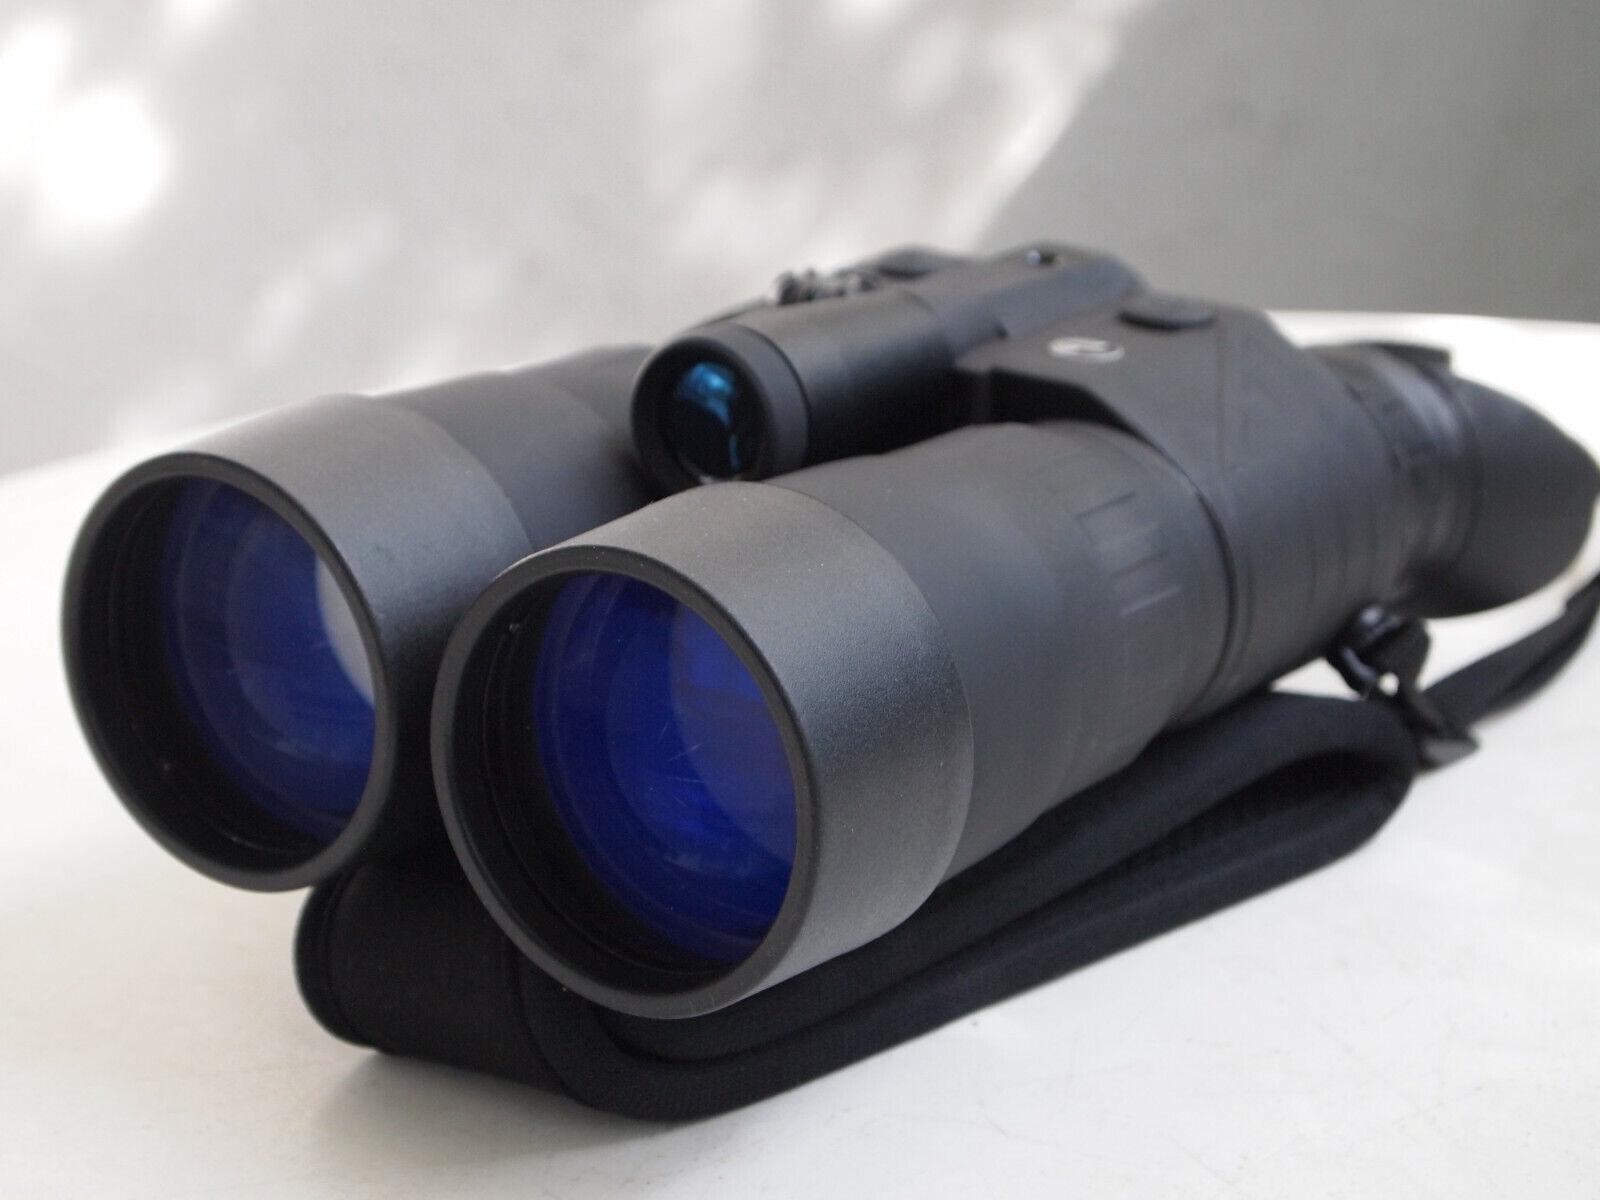 Top +++ pulsar Edge GS 3,5x50l visión nocturna dispositivo resto amplificador de luz + láser infrarrojos